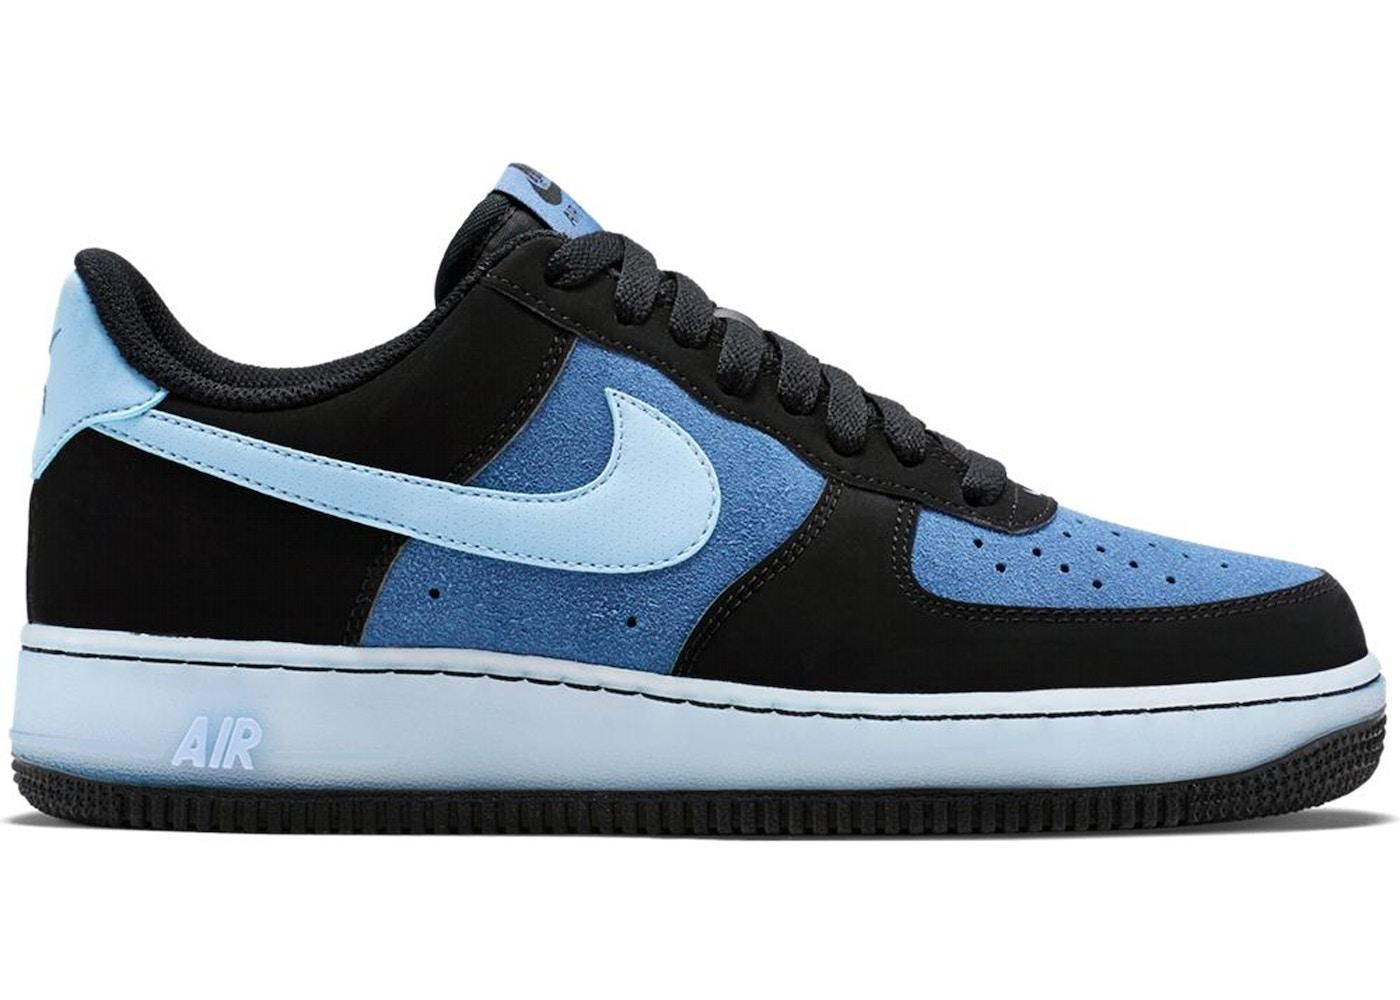 nike air force 1 blu bianche